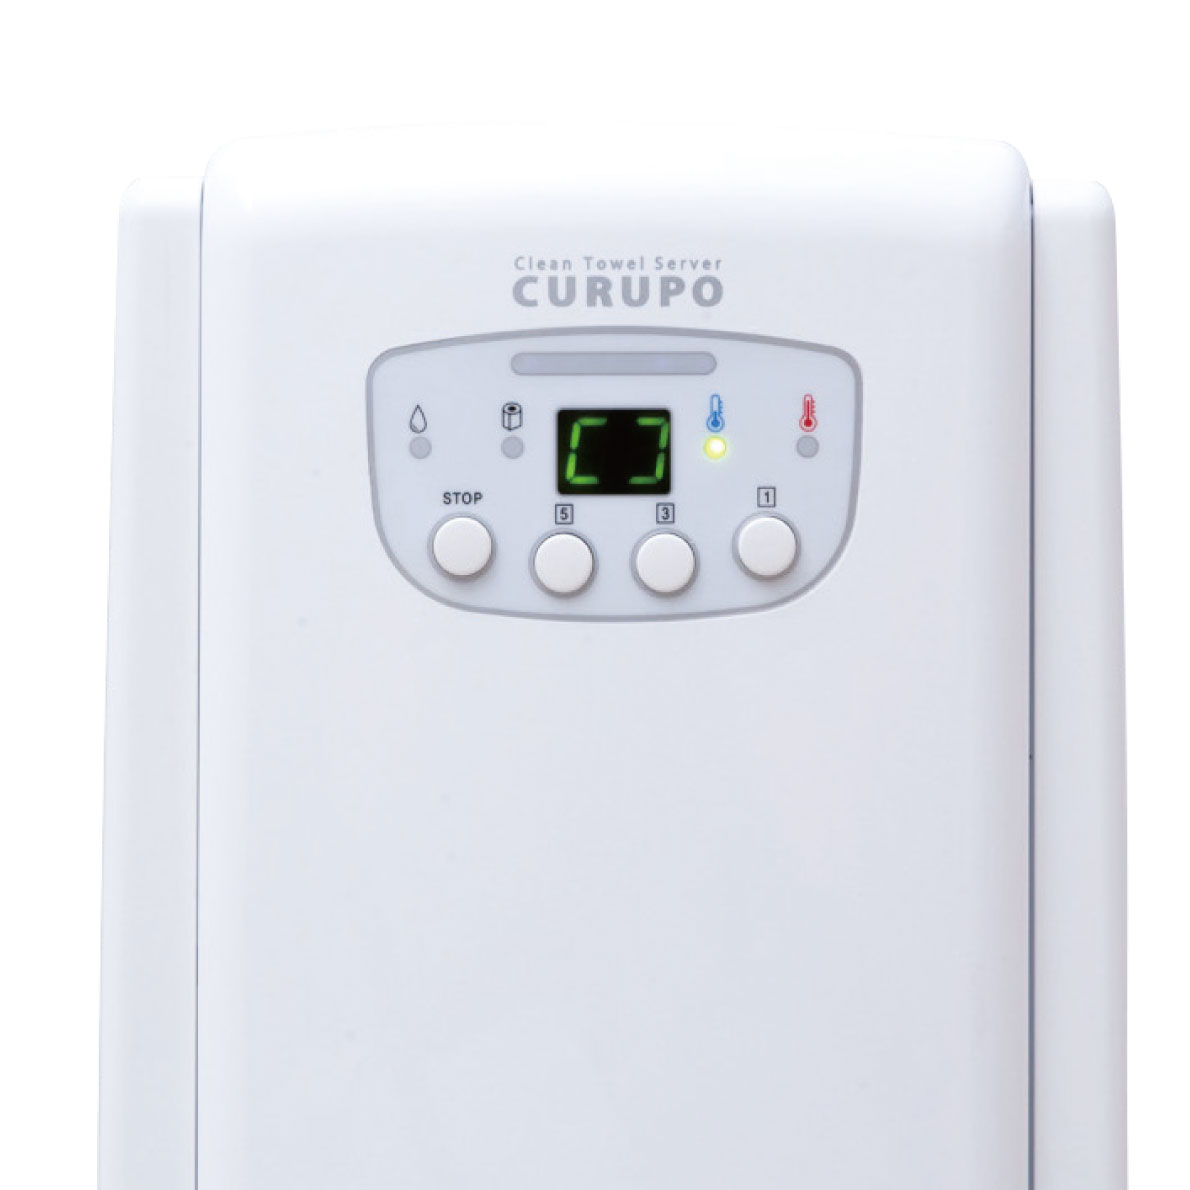 自動おしぼり機「CURUPO(クルポ)」/メディカル仕様の抗菌ウェットタオル製造機〈自動おしぼり製造機〉《抗菌生活》